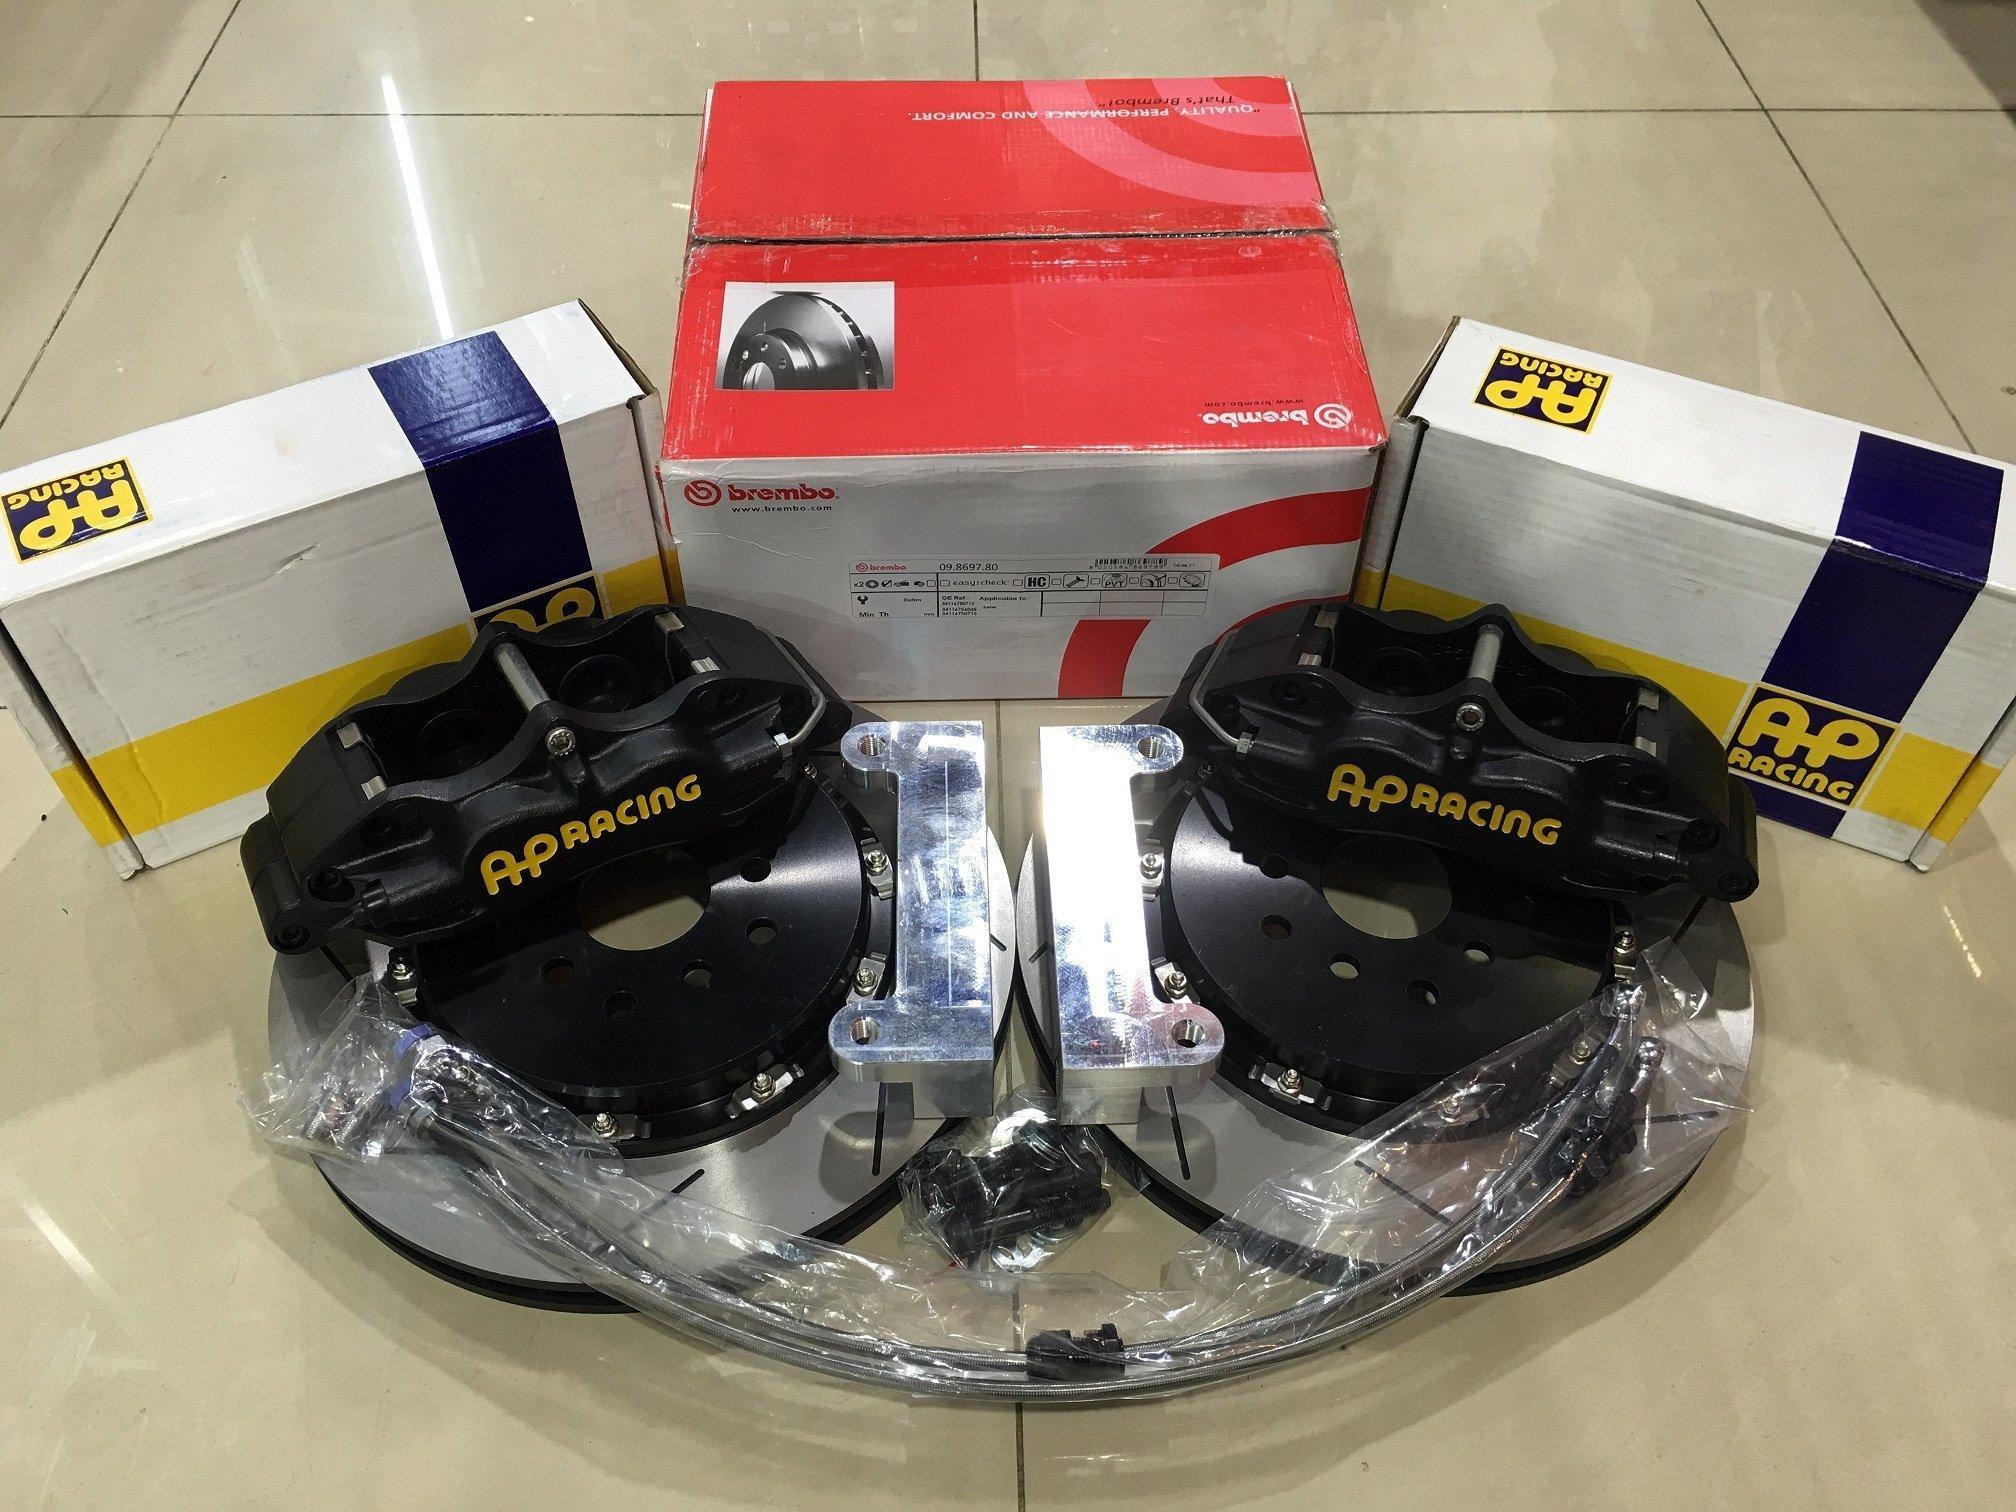 【內湖技研】AP Racing CP5200 CP5200 四活塞卡鉗搭配330mm兩片式浮動碟盤組 完整呈現AP制動表現 AP5200